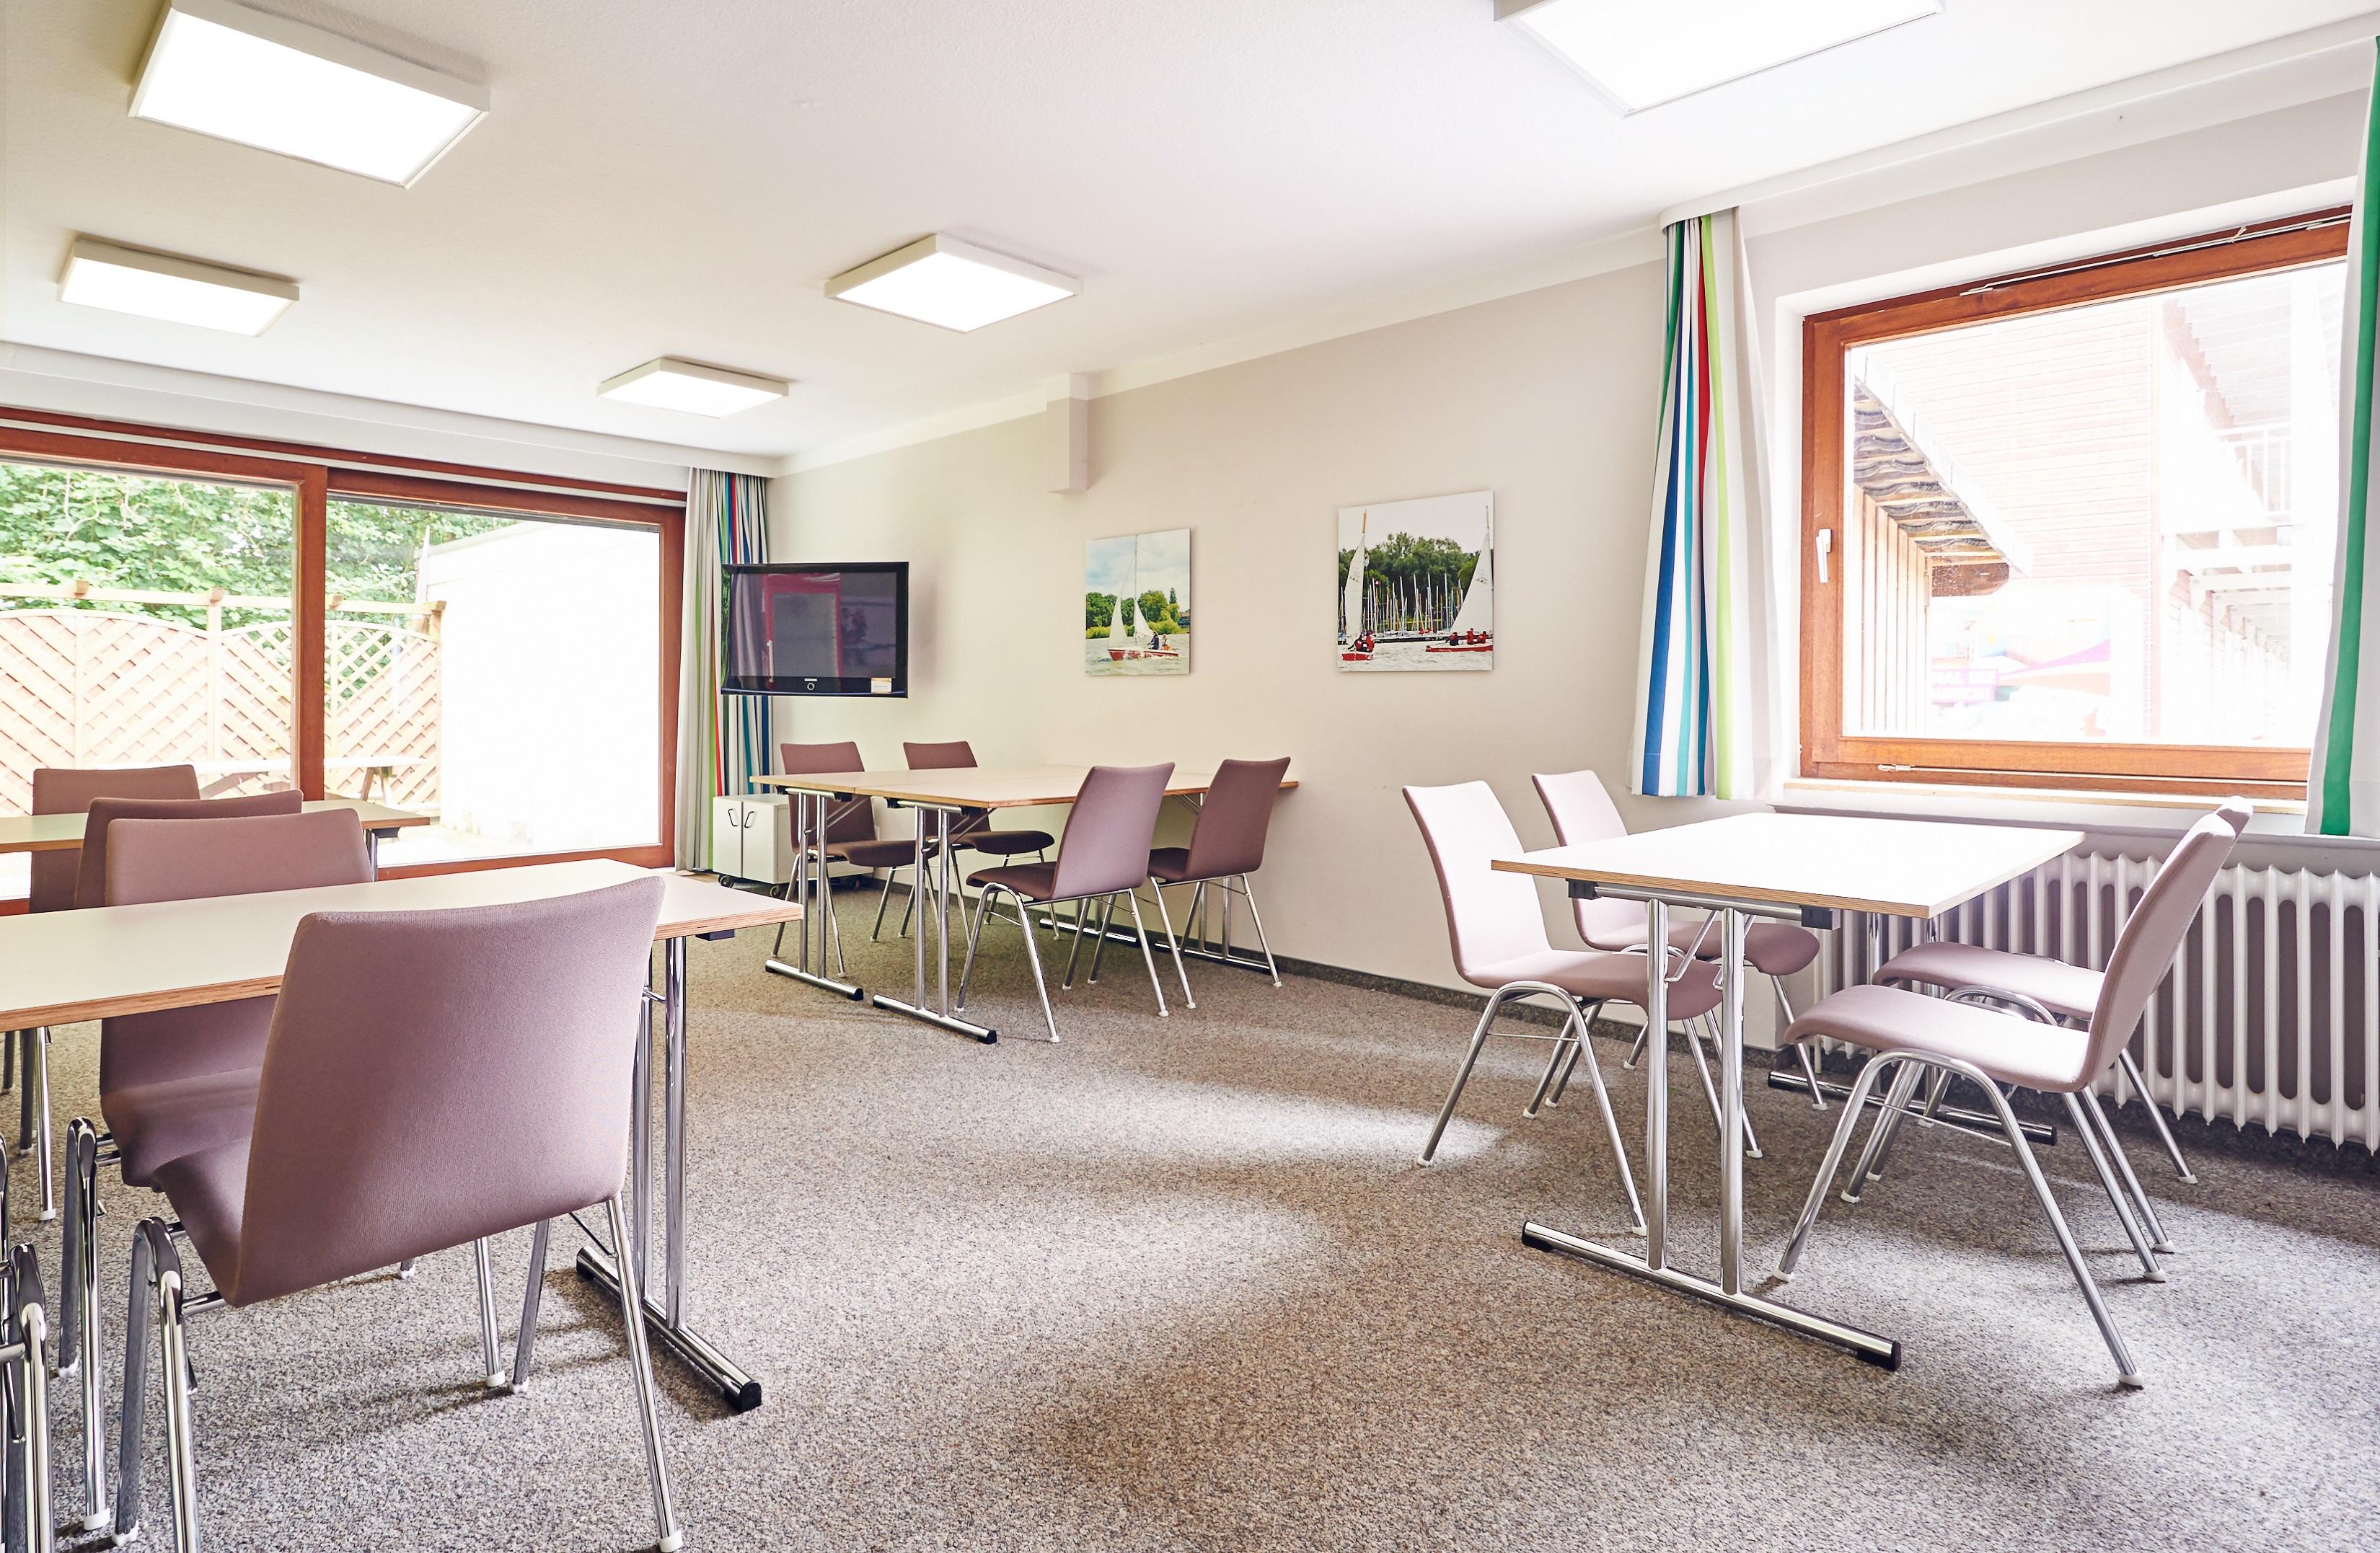 jugendherberge bad zwischenahn hotels hotels restaurants bad zwischenahn deutschland tel. Black Bedroom Furniture Sets. Home Design Ideas